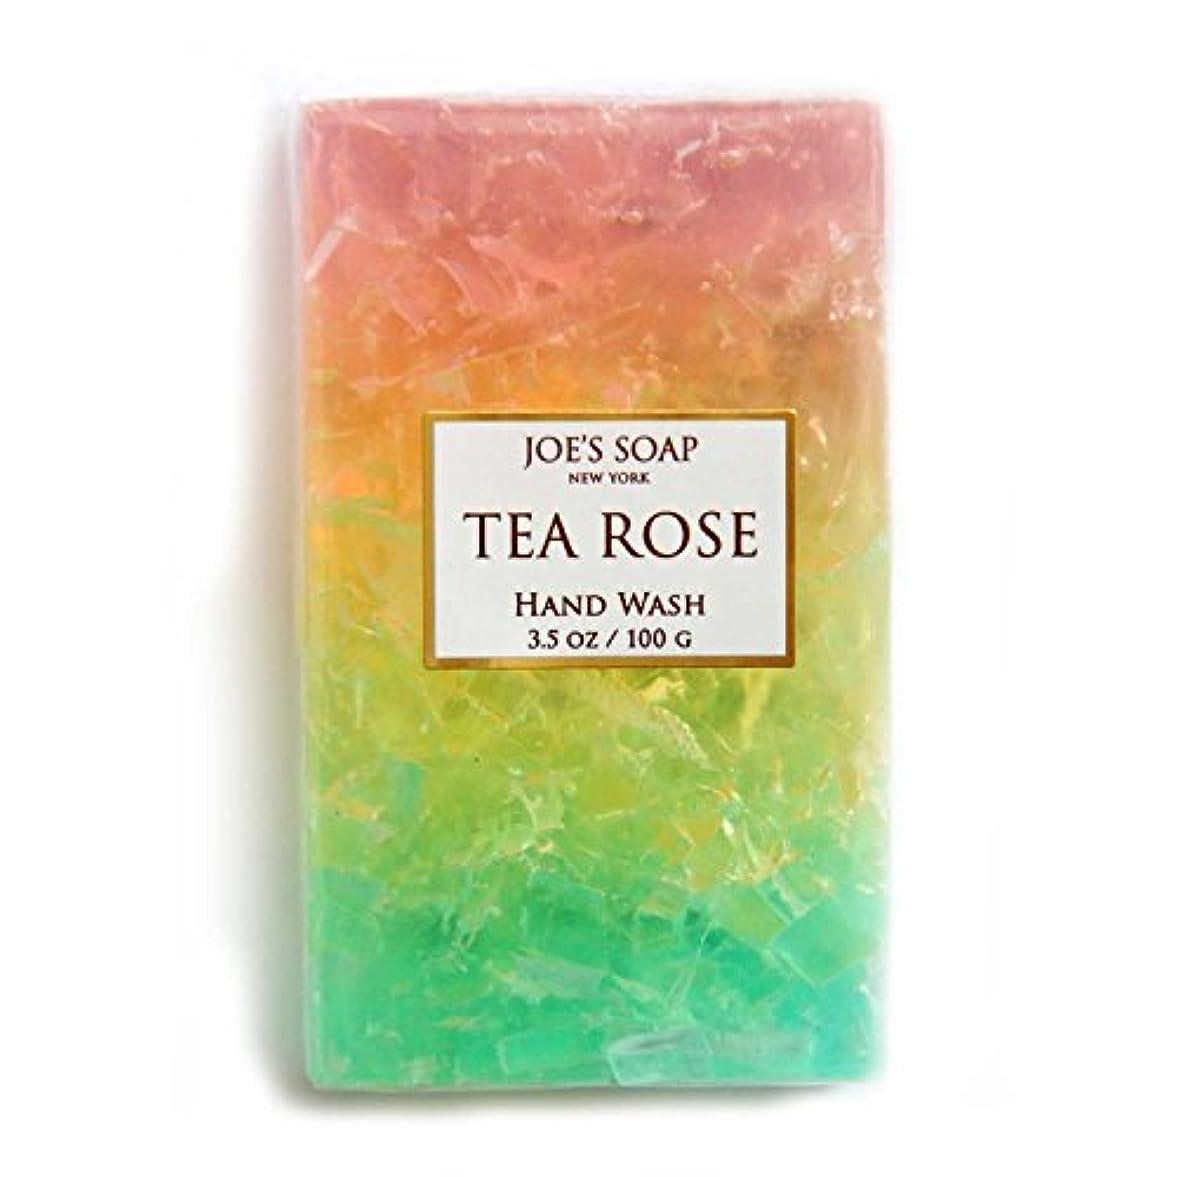 シャッフル仲良しマントJOE'S SOAP ジョーズソープ グラスソープ 100g 石けん ボディソープ 洗顔料 せっけん 固形 ギフト